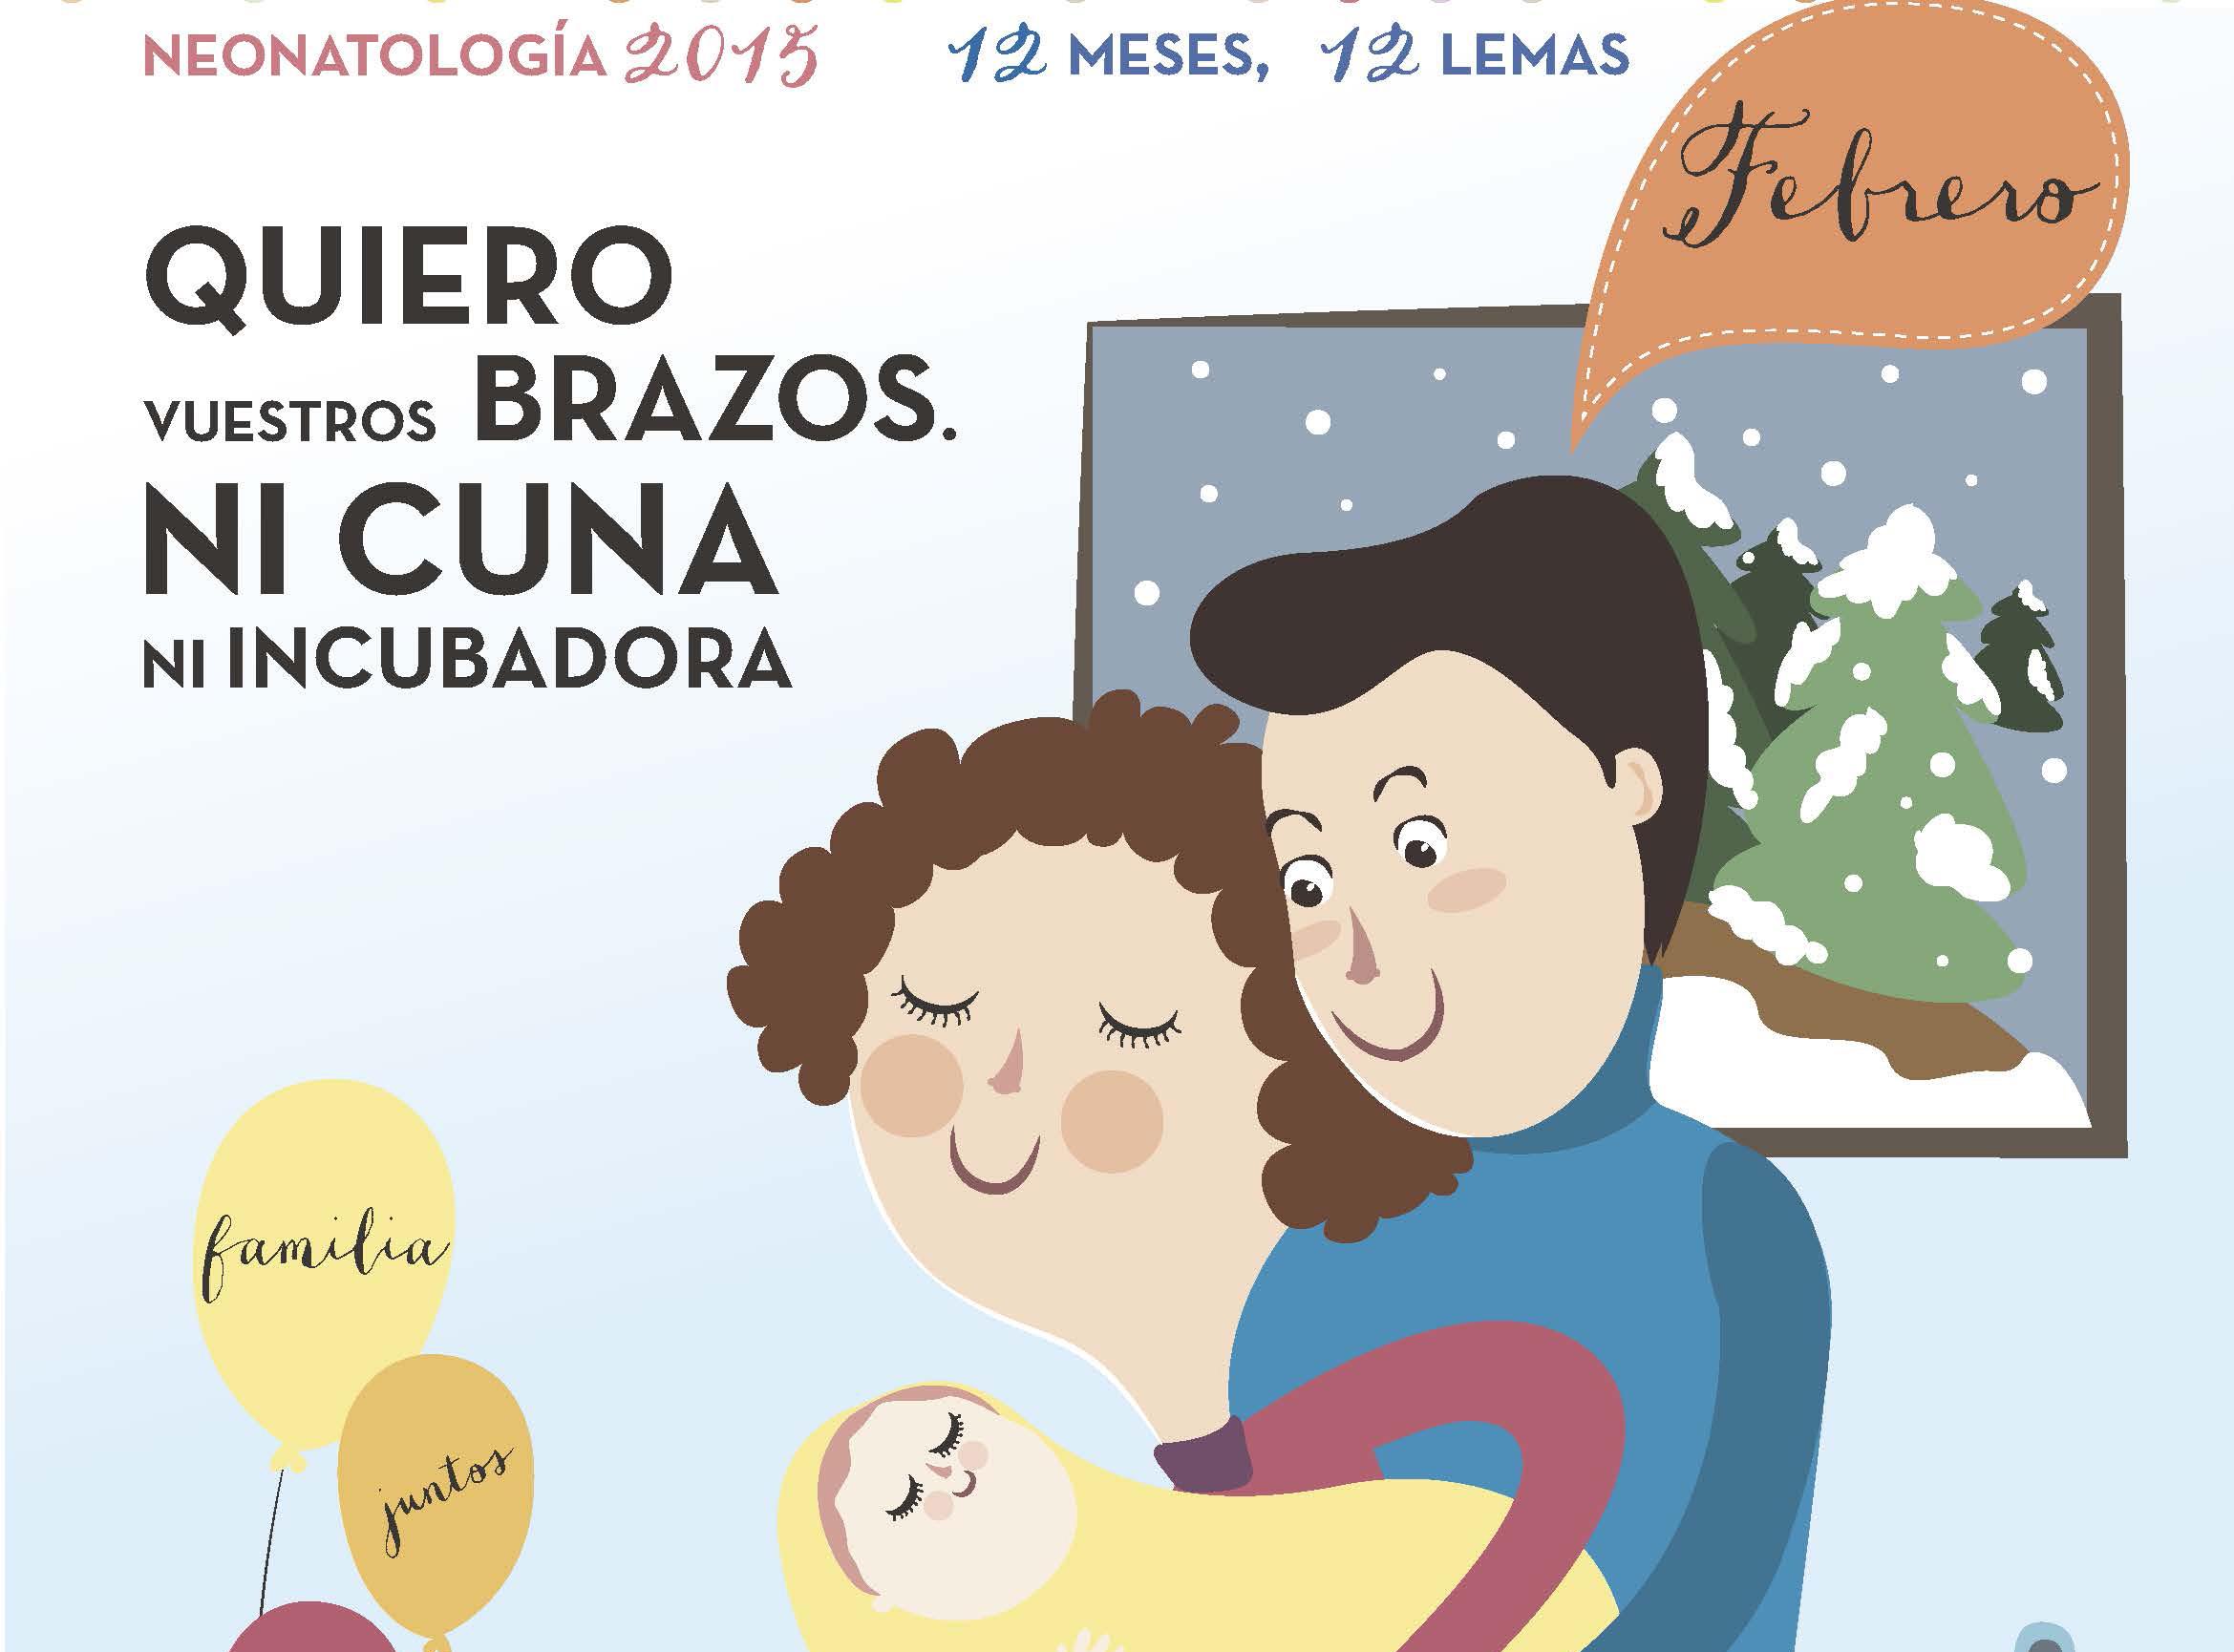 Neonatología del Hospital 12 de Octubre emprende la campaña